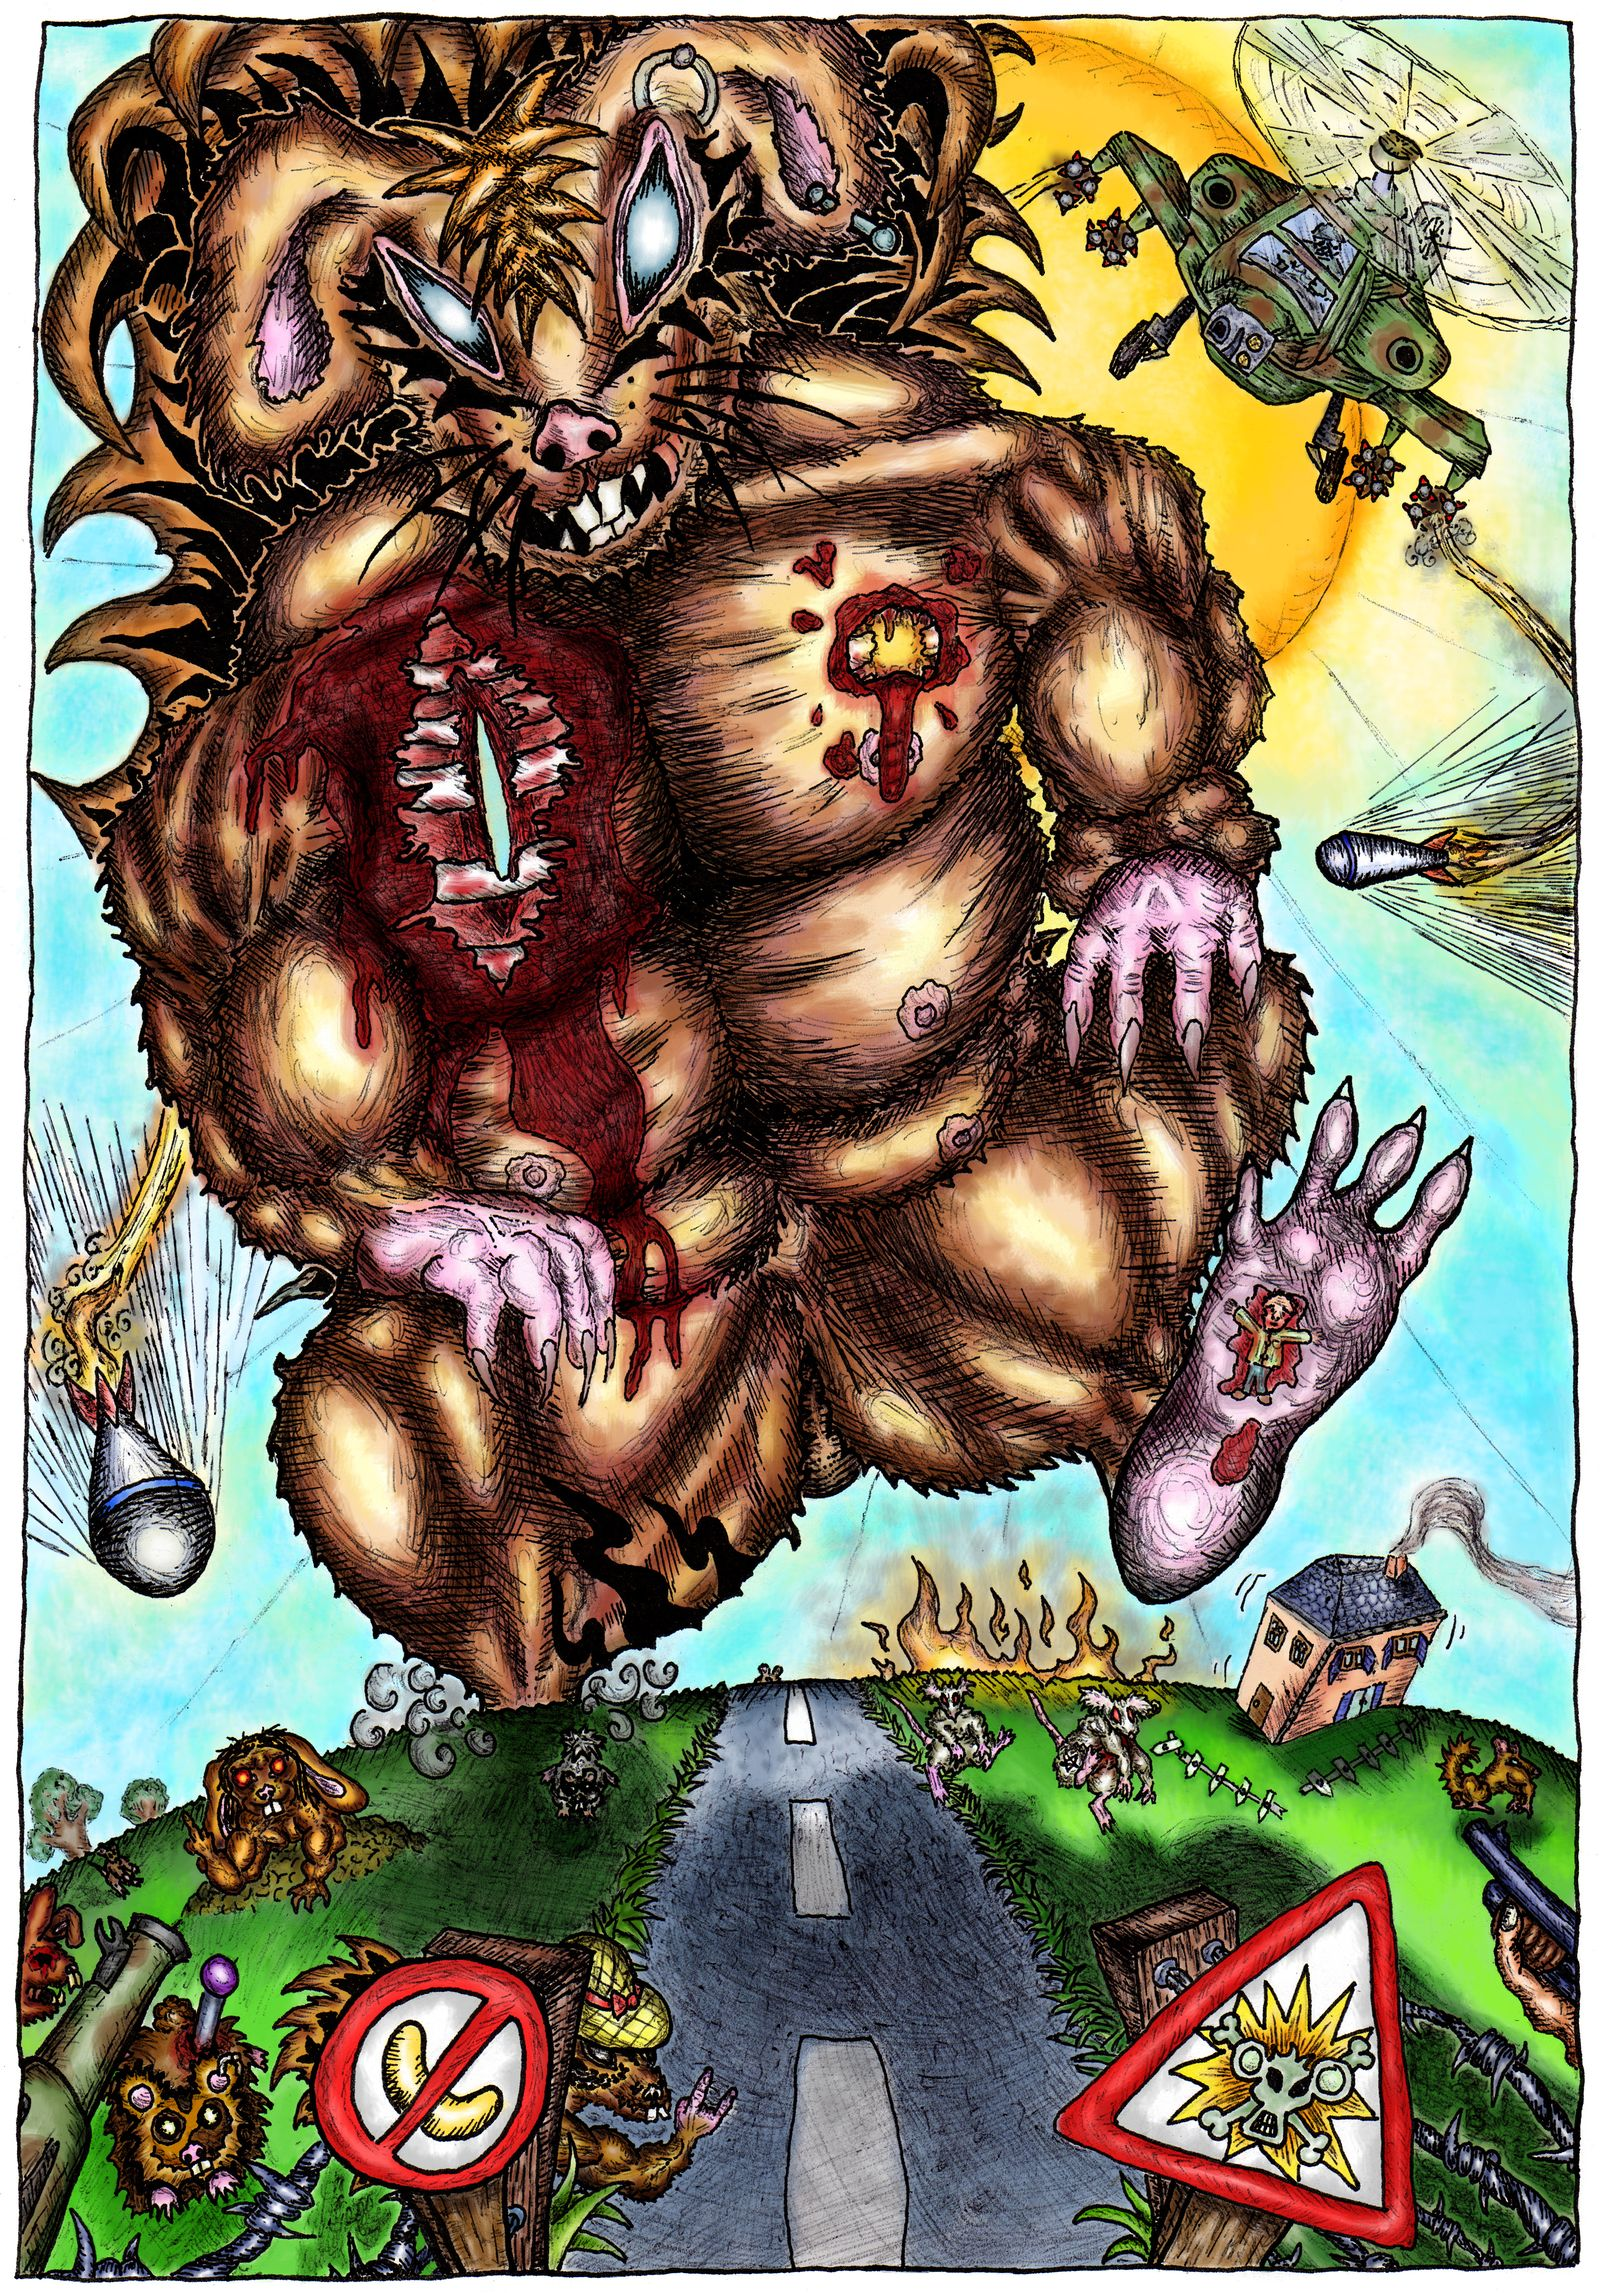 Un écureuil mutant géant que vous ne verrez même pas dans la BD, c'est juste décoratif !!!